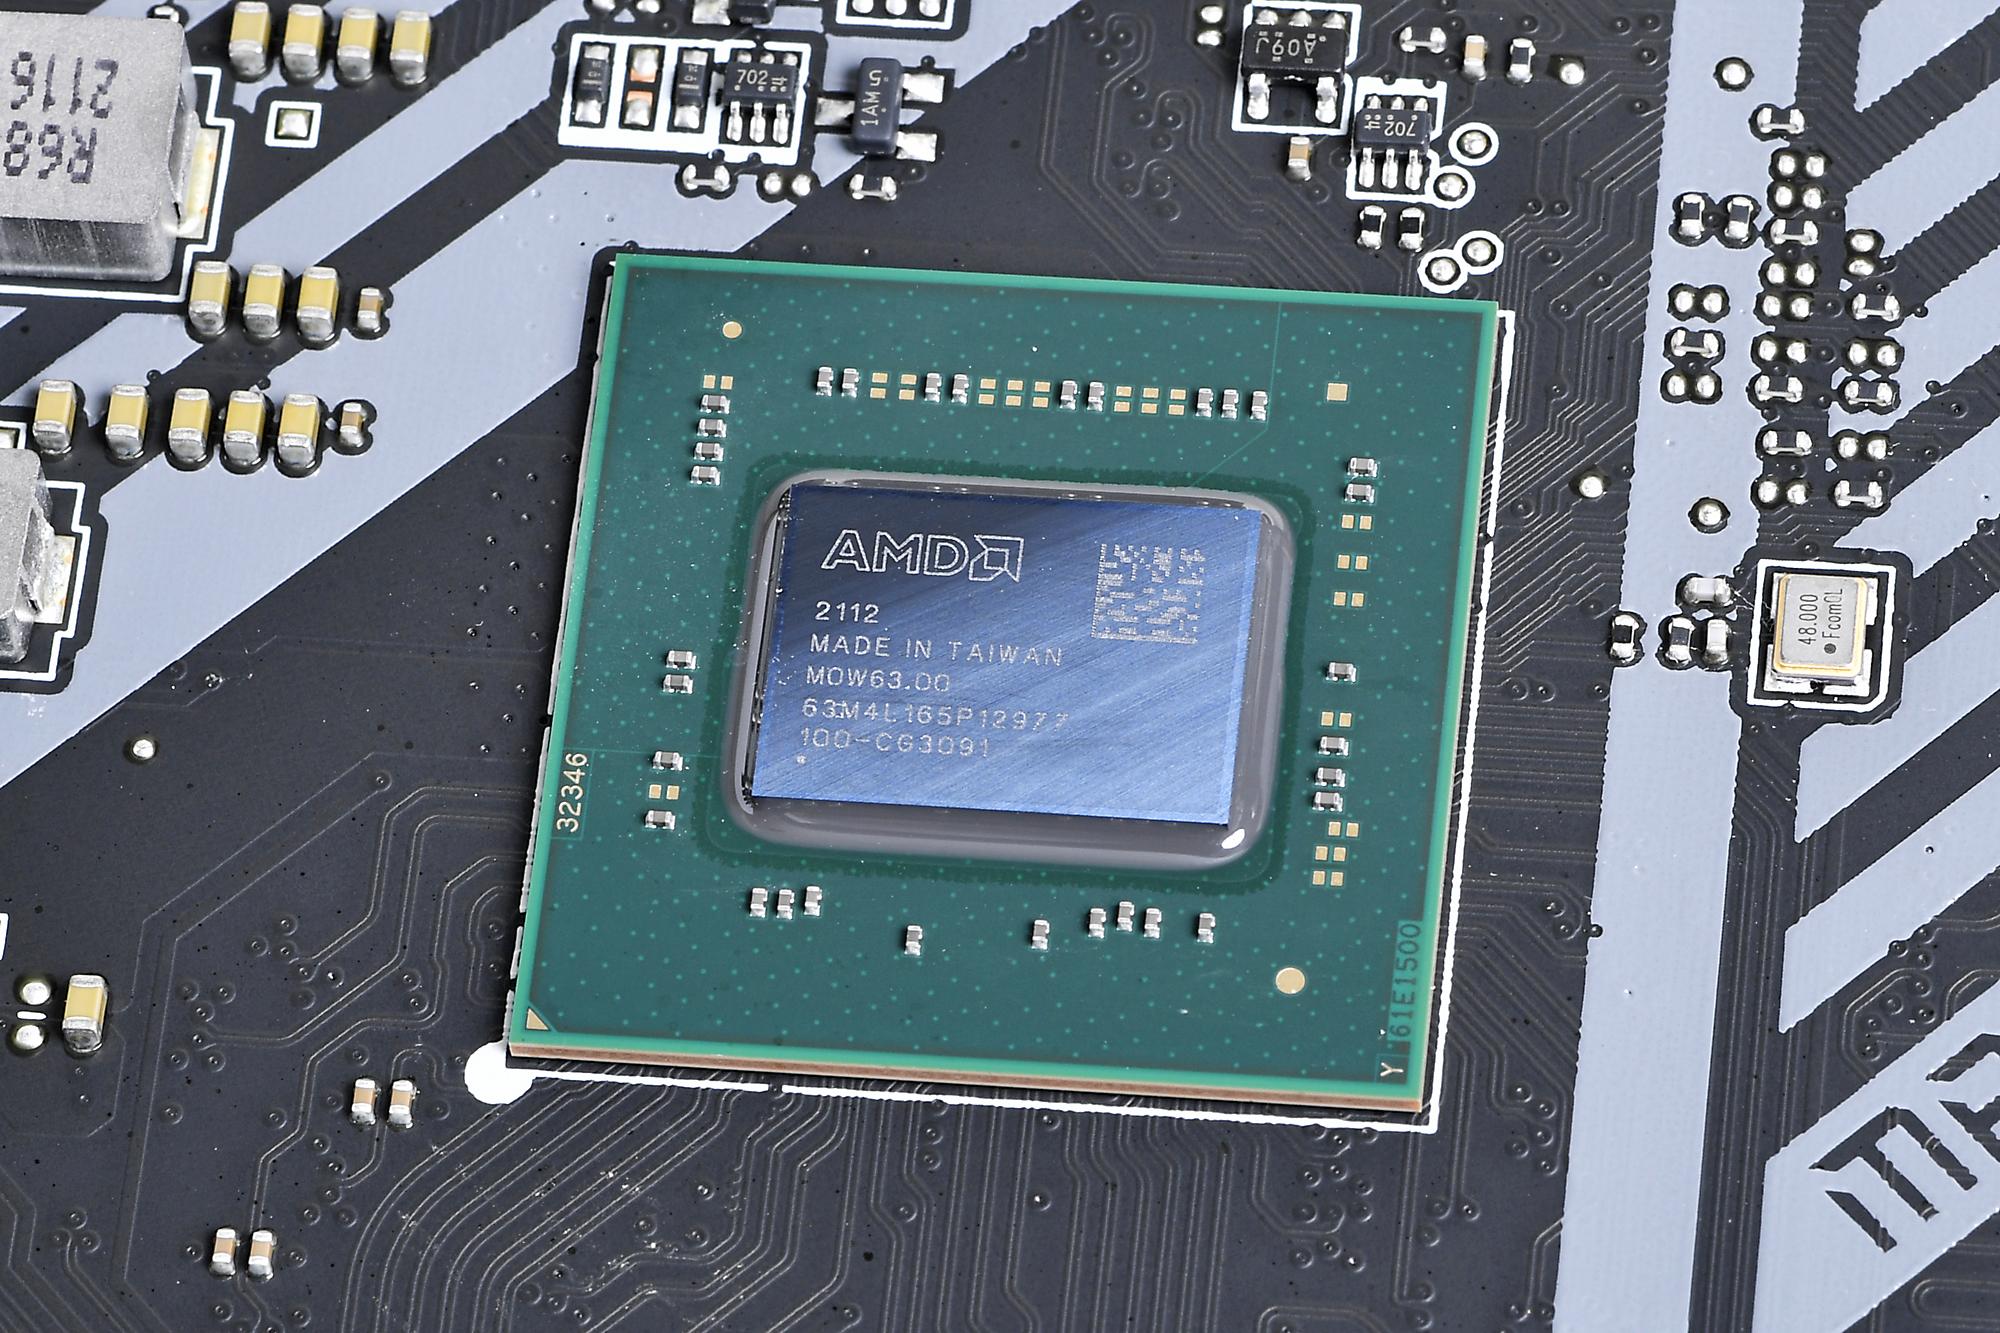 機能的にAMD X570で変わったところはない。リフレッシュモデルの見どころは設計やインターフェースの強化にある